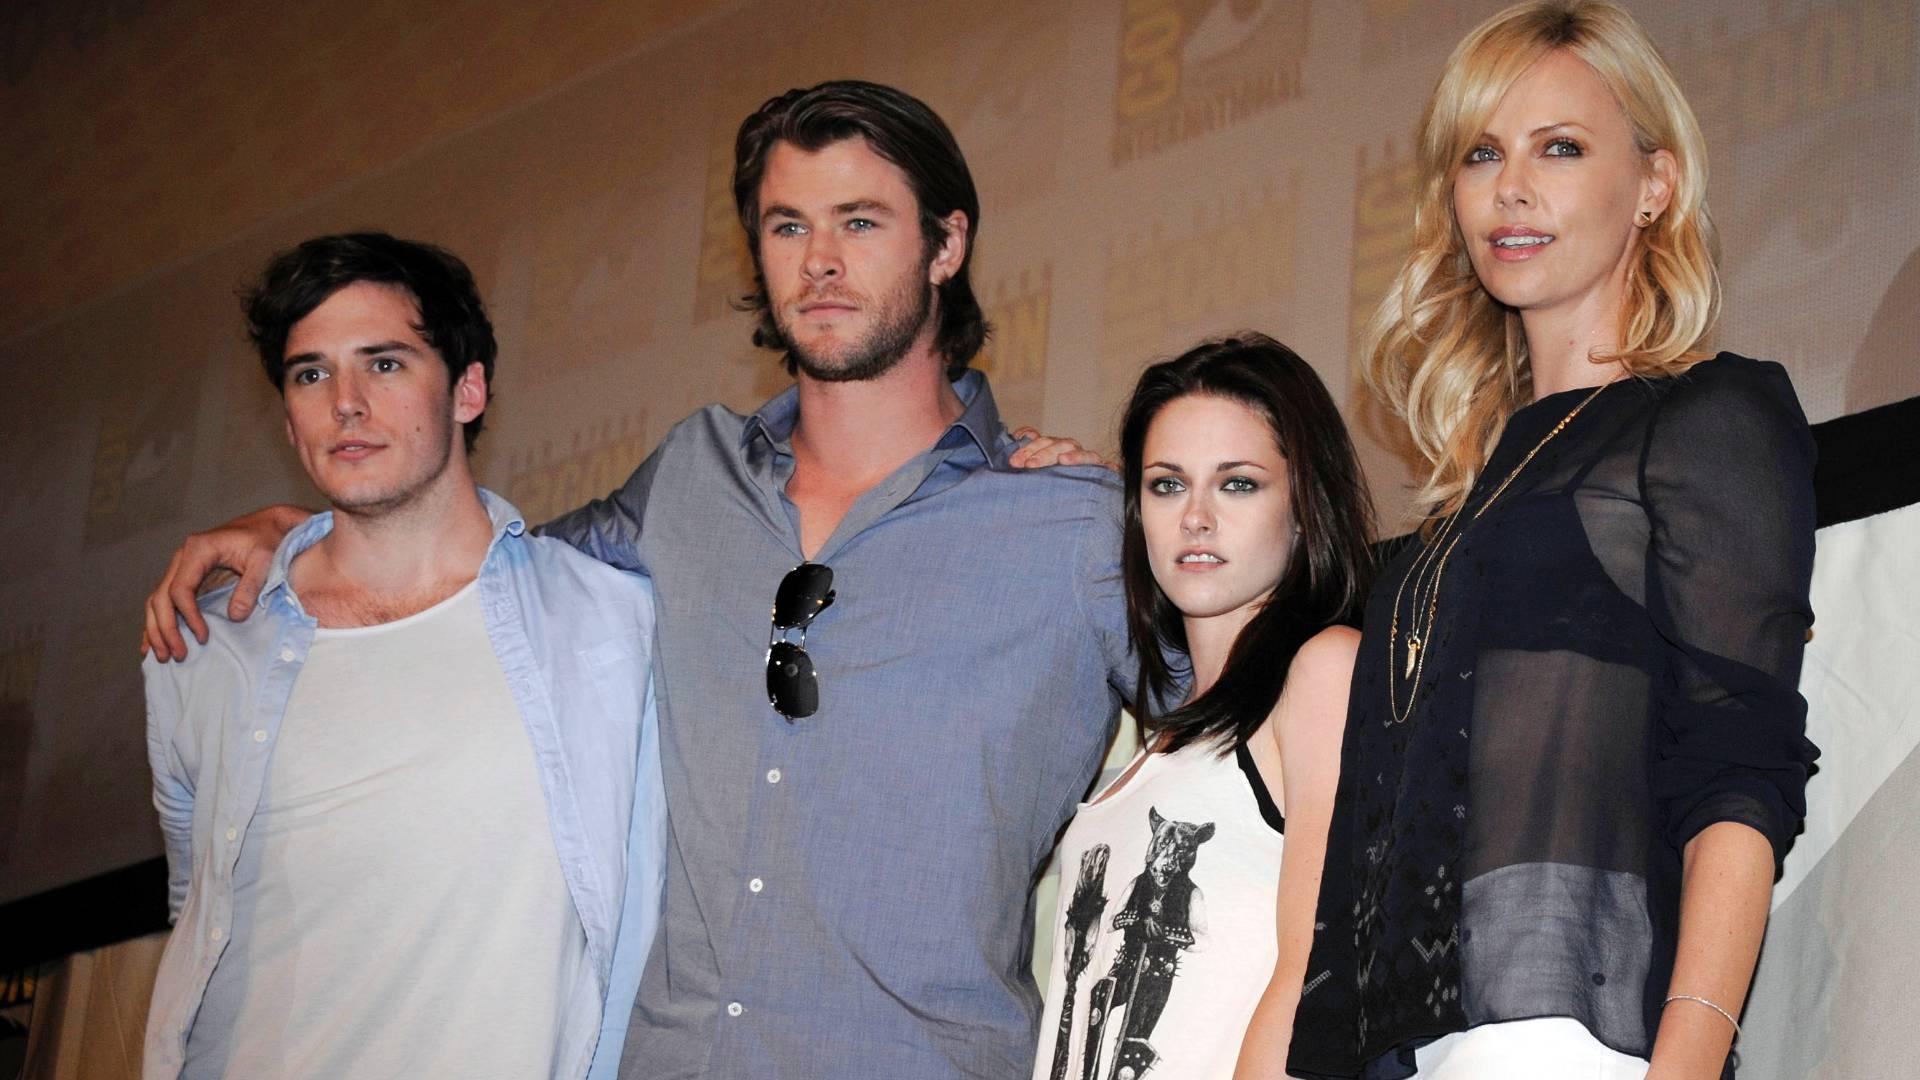 Os atores (a partir da esquerda) Sam Claflin, Chris Hemsworth, Kristen Stewart e Charlize Theron posam para fotos após coletiva sobre filme